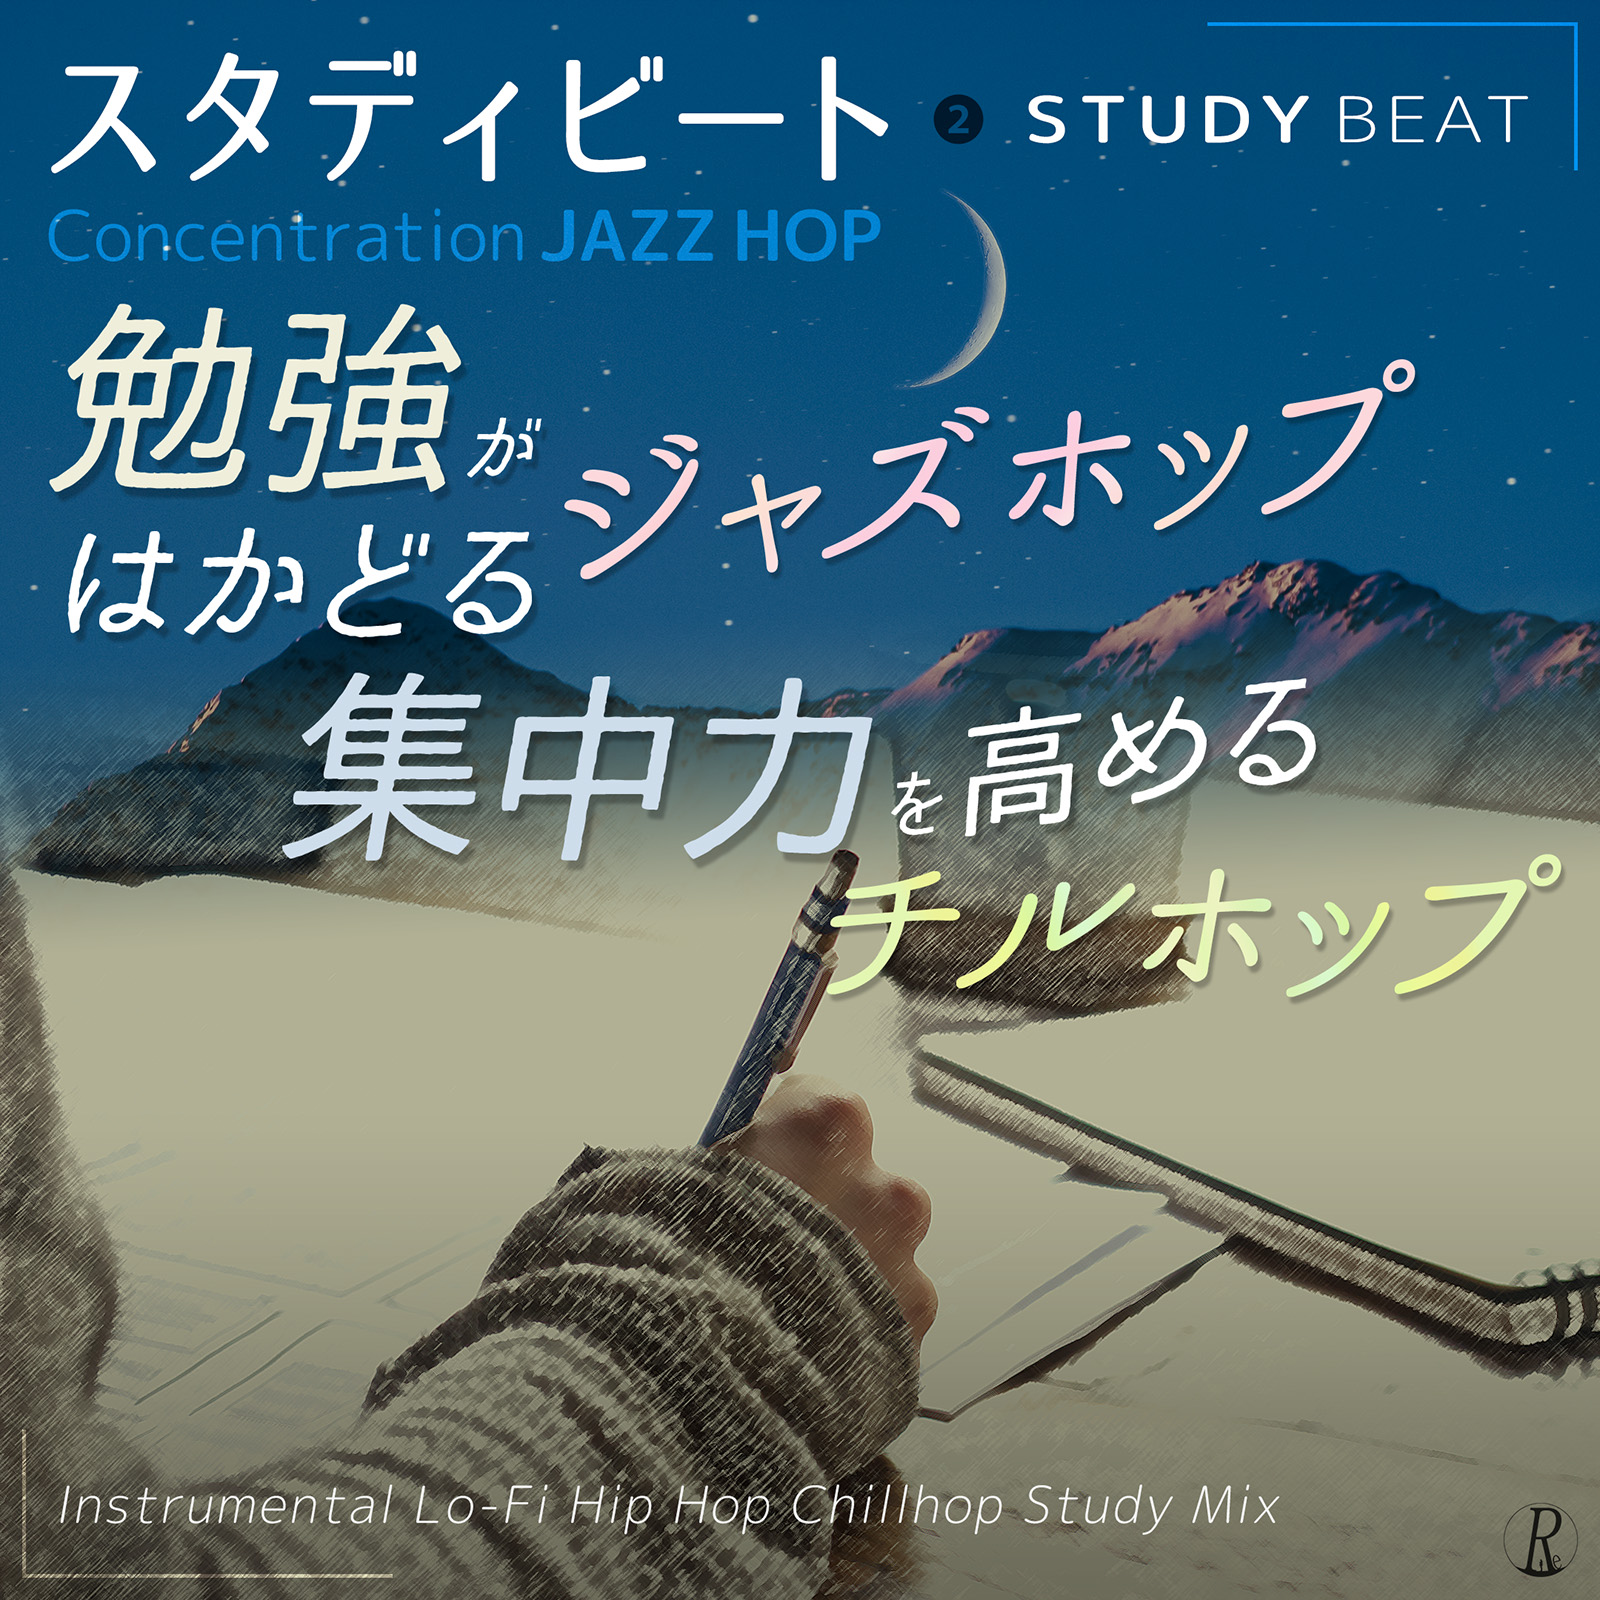 Study Beat Lab - スタディビート 2 勉強がはかどるジャズホップ - 集中力を高めるチルホップ